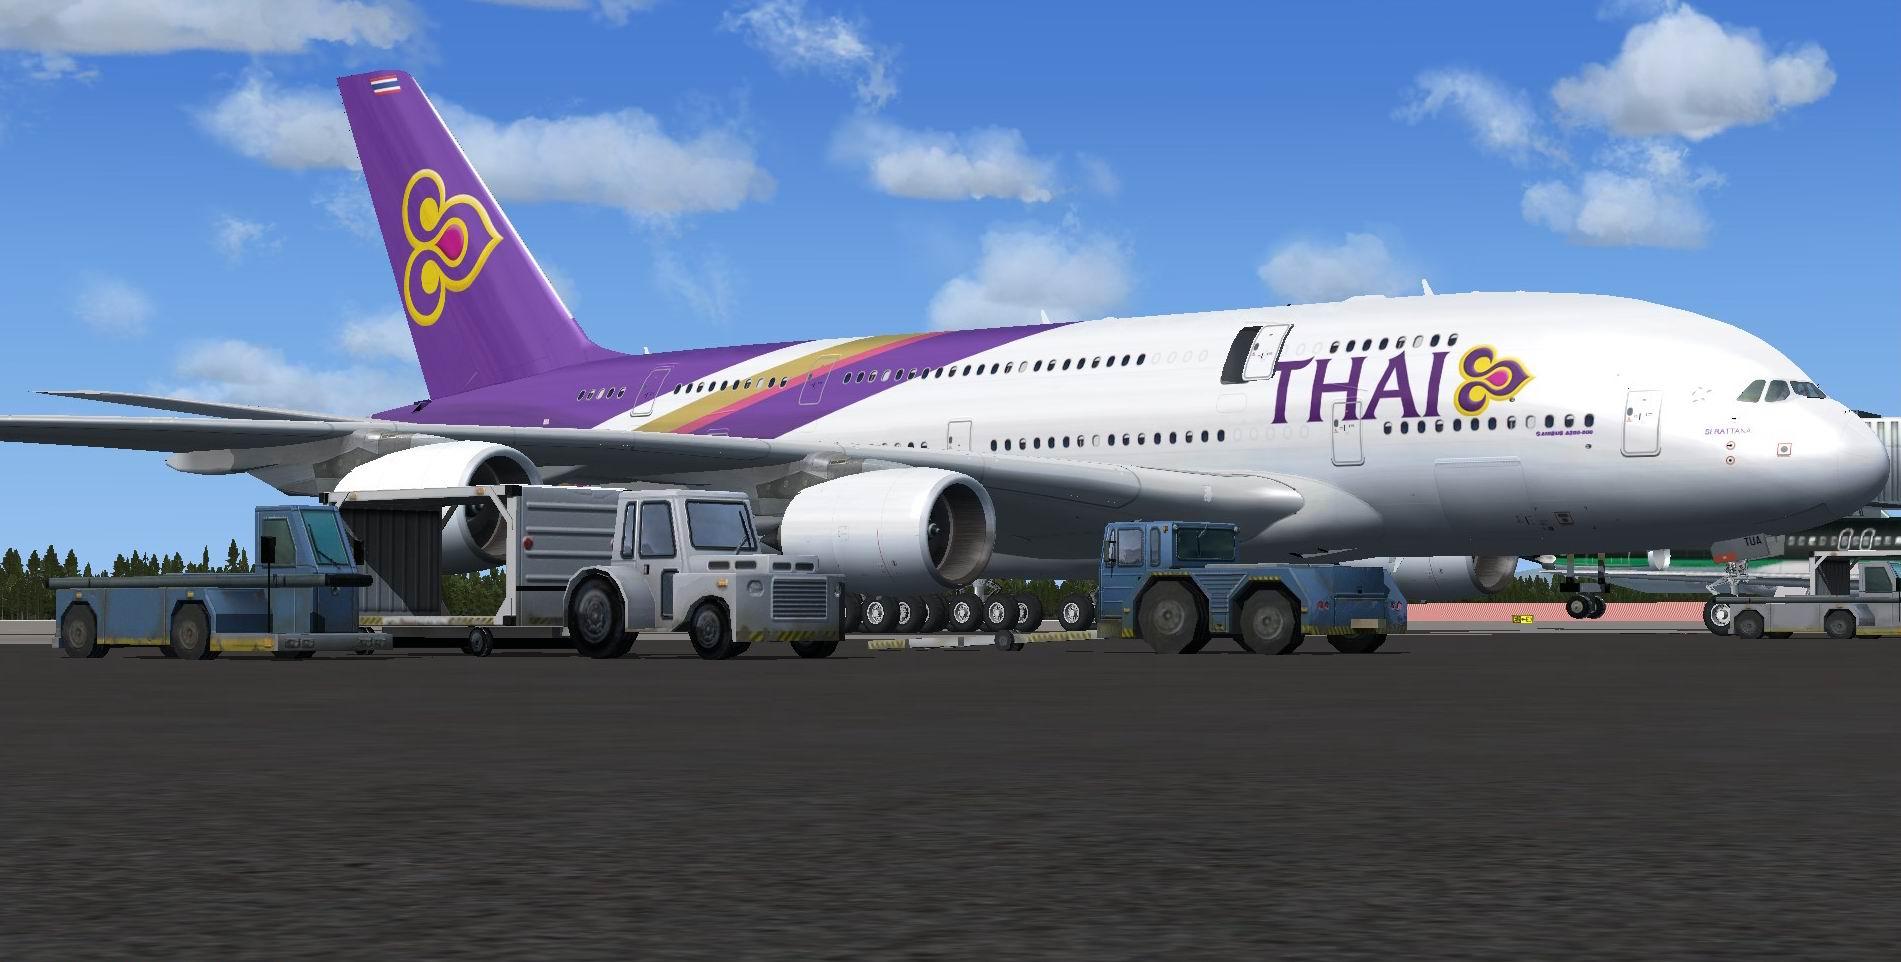 fs-freeware net - FSX Airbus A380-841 Thai